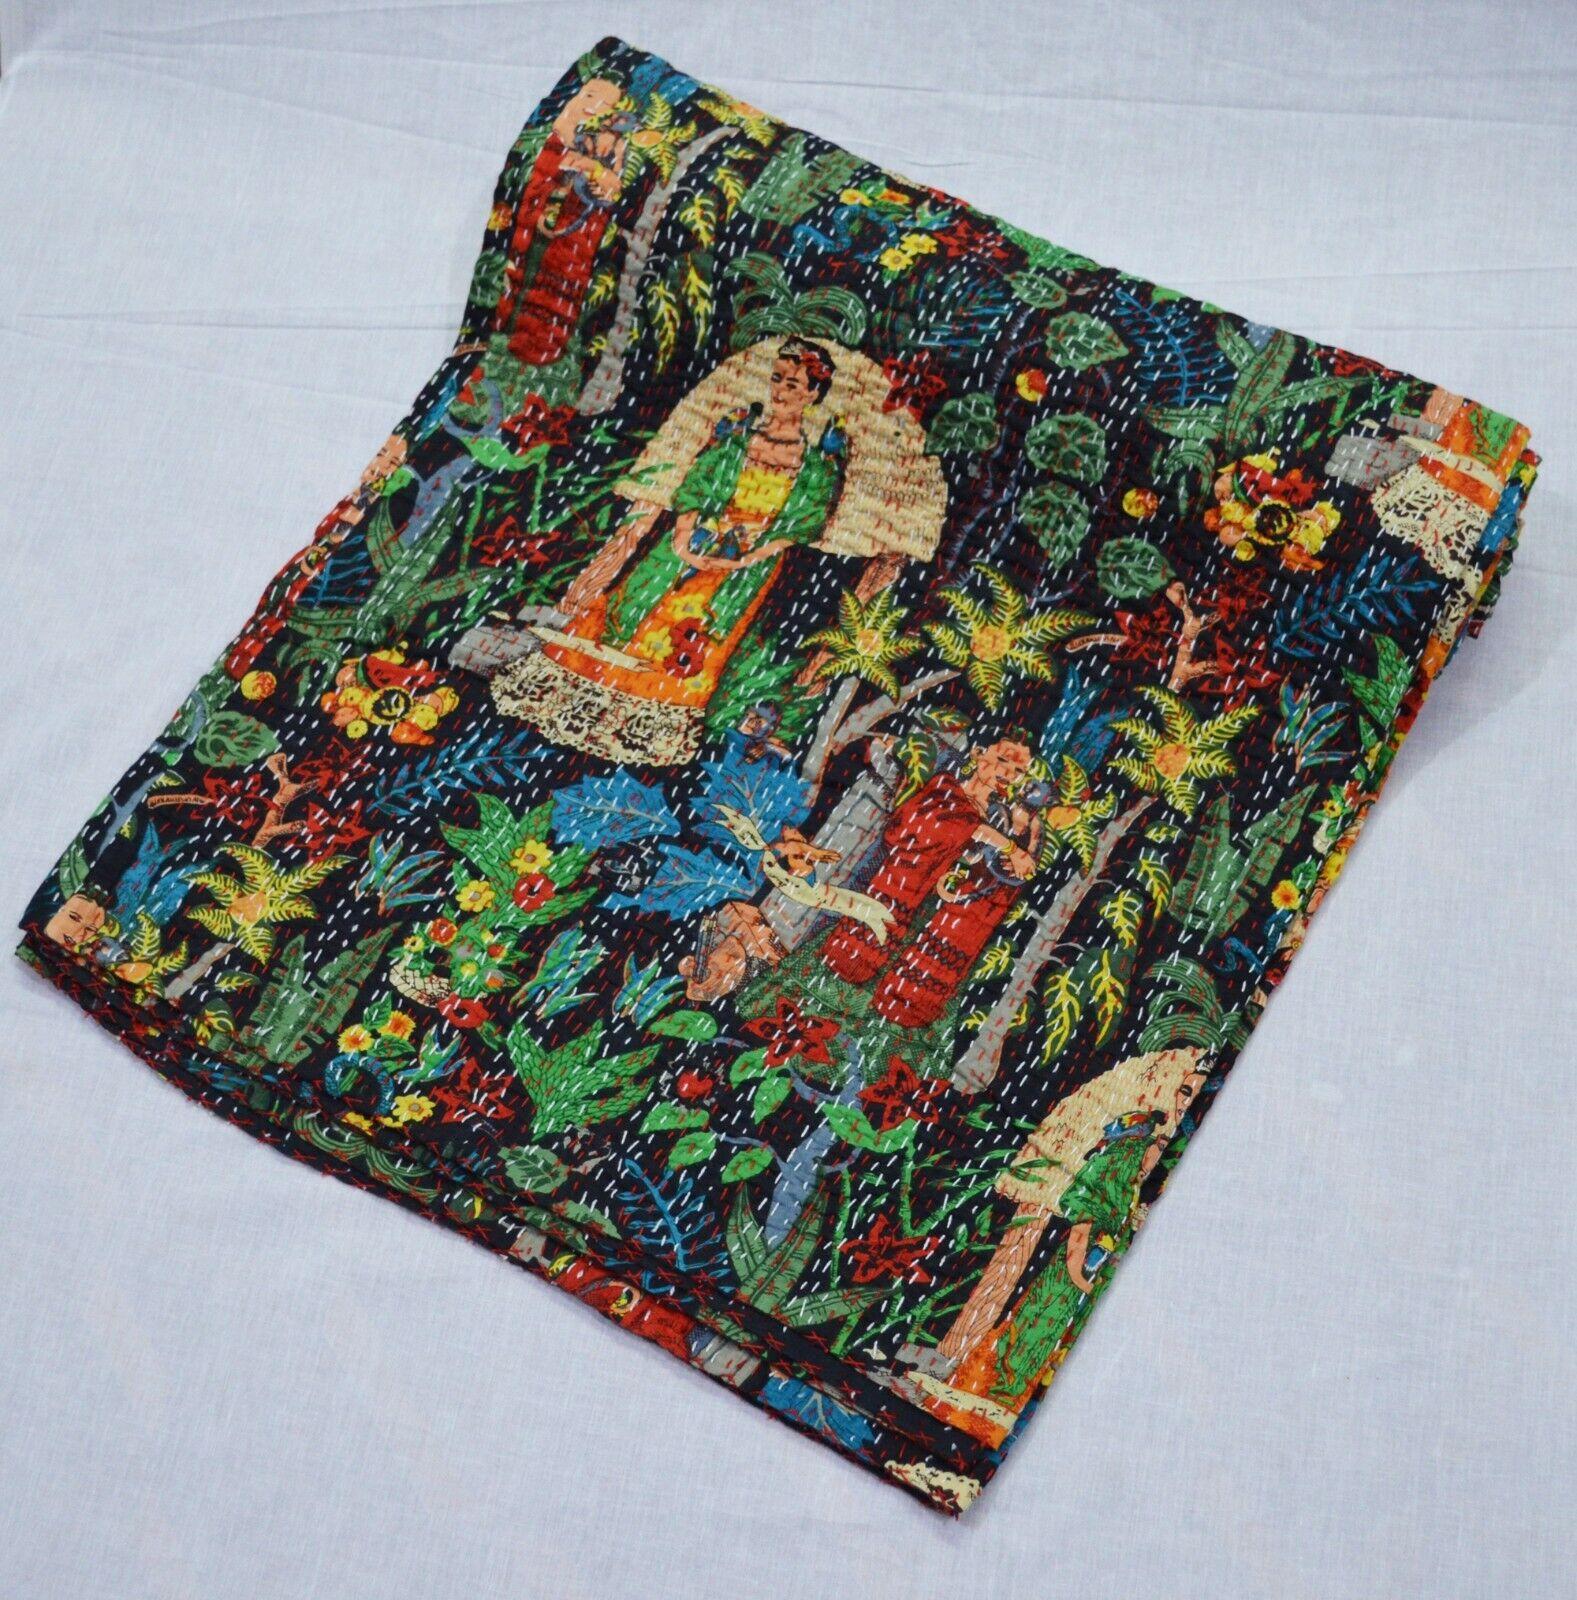 Zwilling Größe Neu Indische Baumwolle Wandleuchte Kantha Decke Tagesdecke Modern